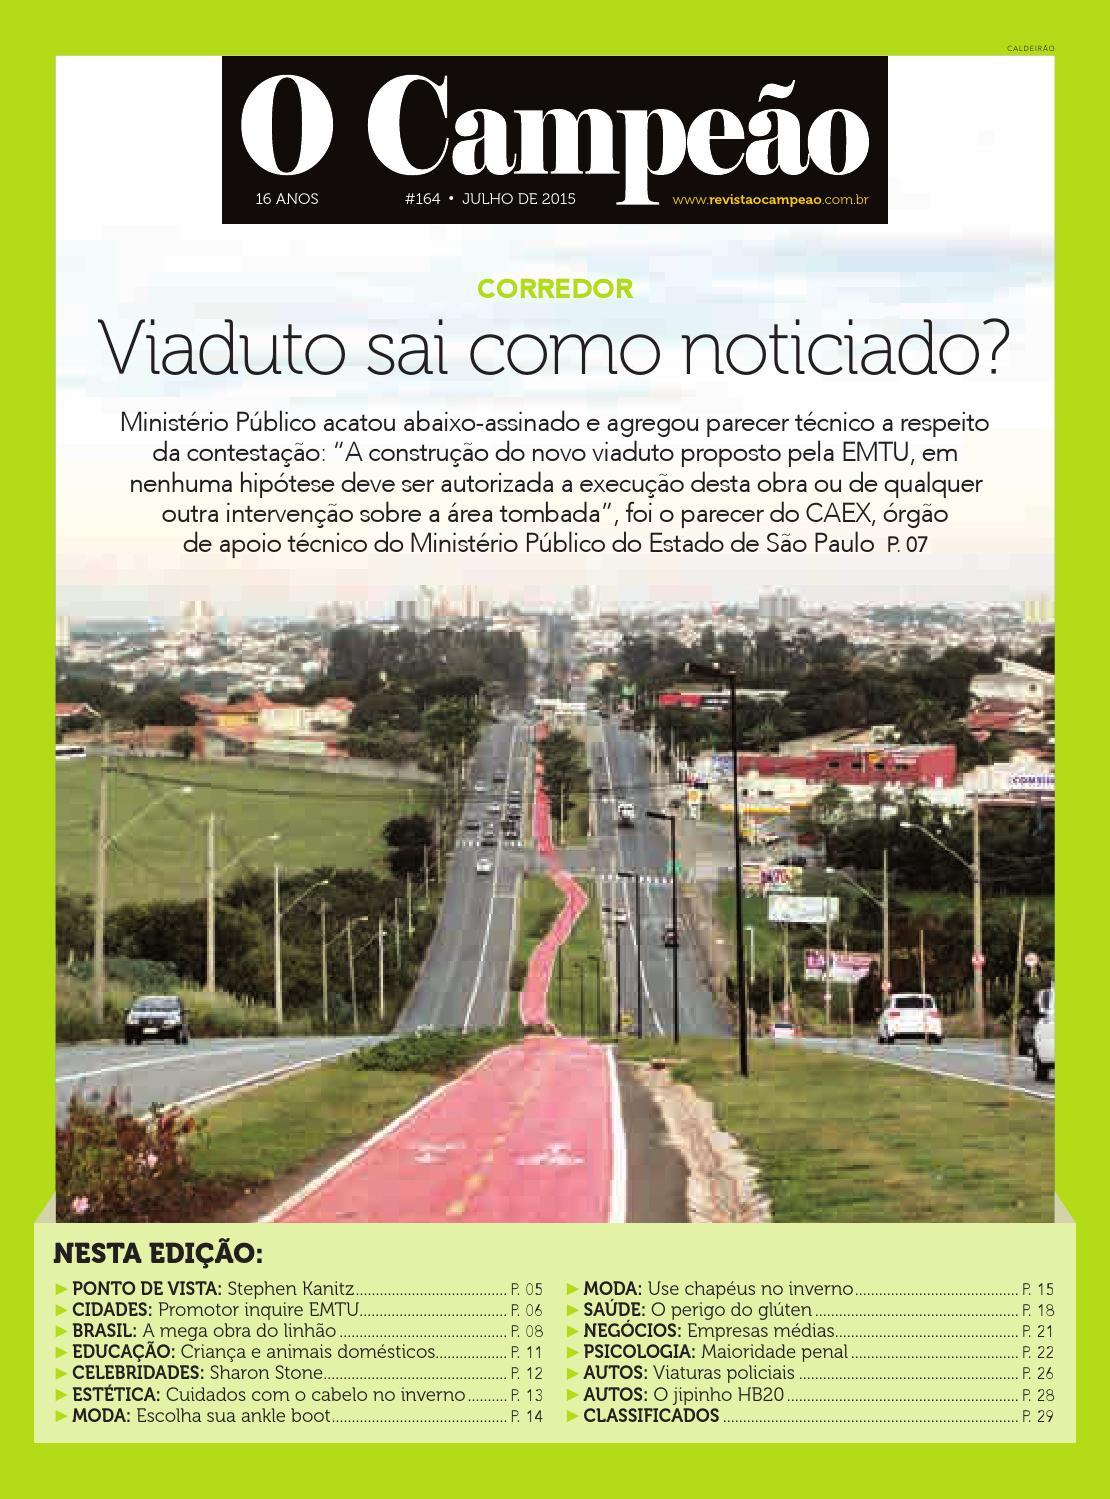 ad881244c0859 O campeão 164 by Eurípedes Freitas - issuu